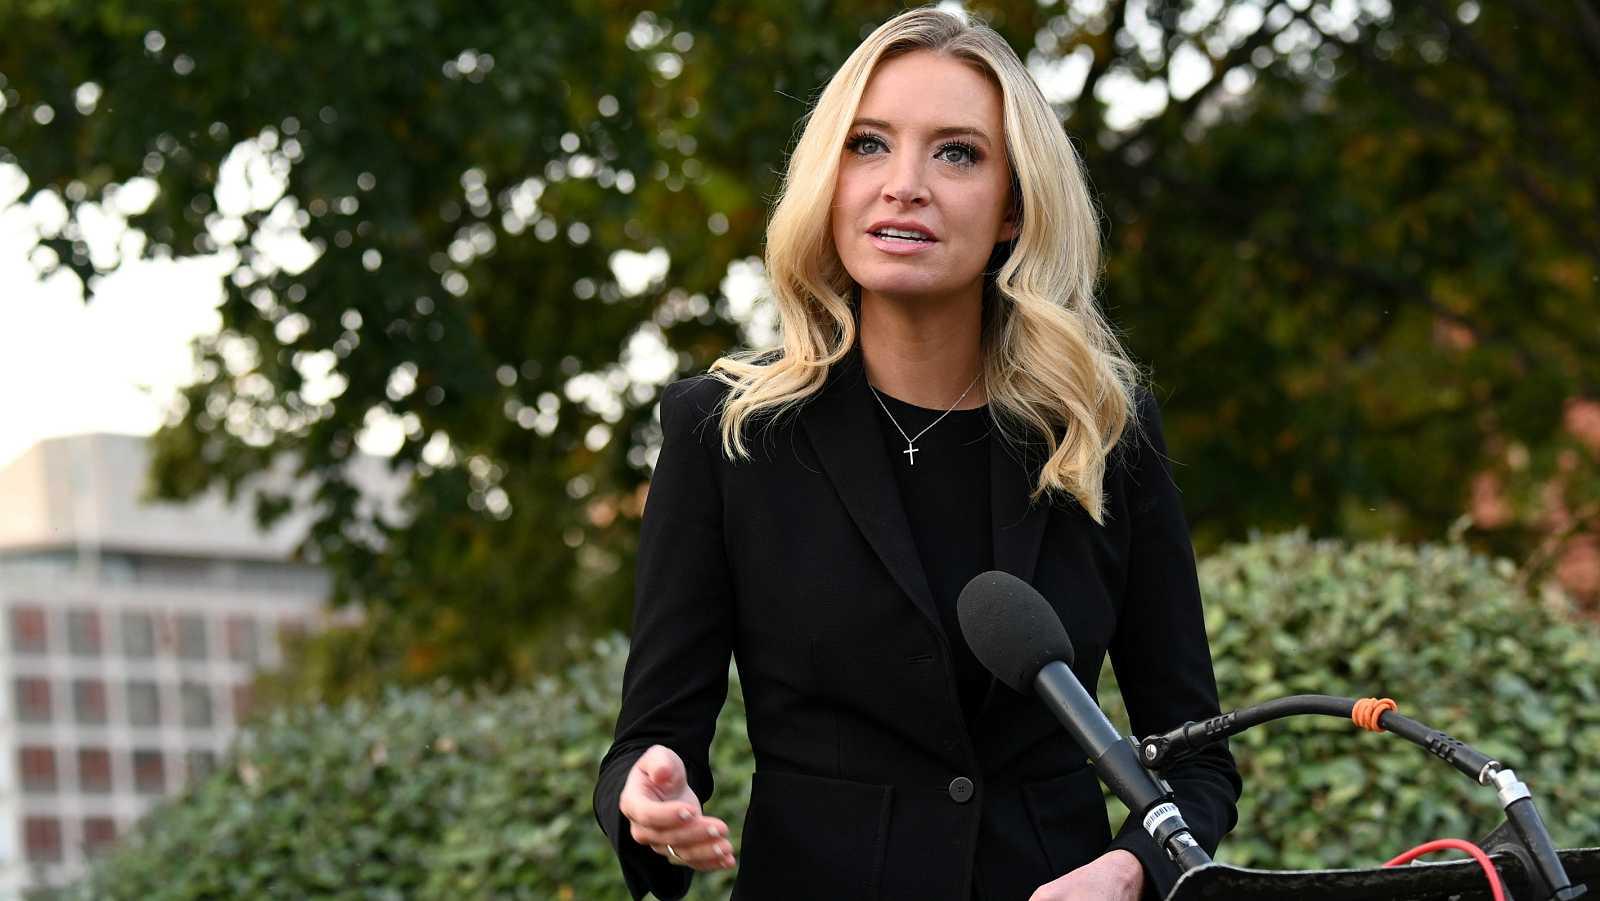 La jefa de prensa de la Casa Blanca da positivo por COVID-19